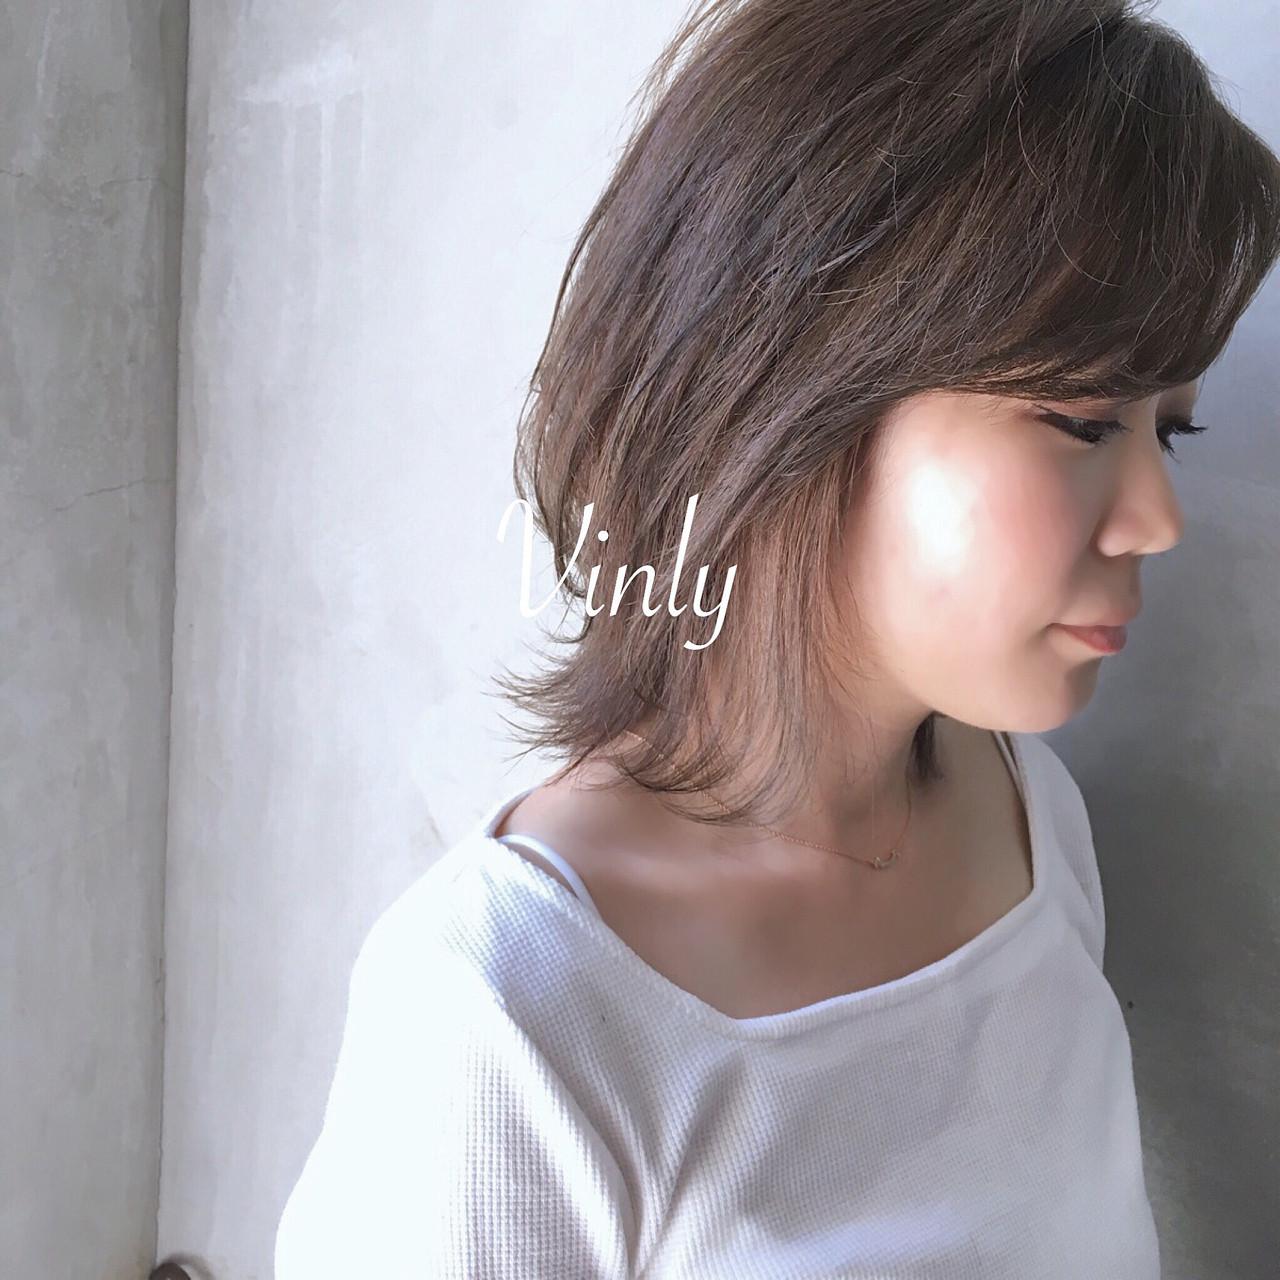 デート 簡単ヘアアレンジ オフィス ナチュラル ヘアスタイルや髪型の写真・画像 | norihiko yoshimoto / Vinly hair salon